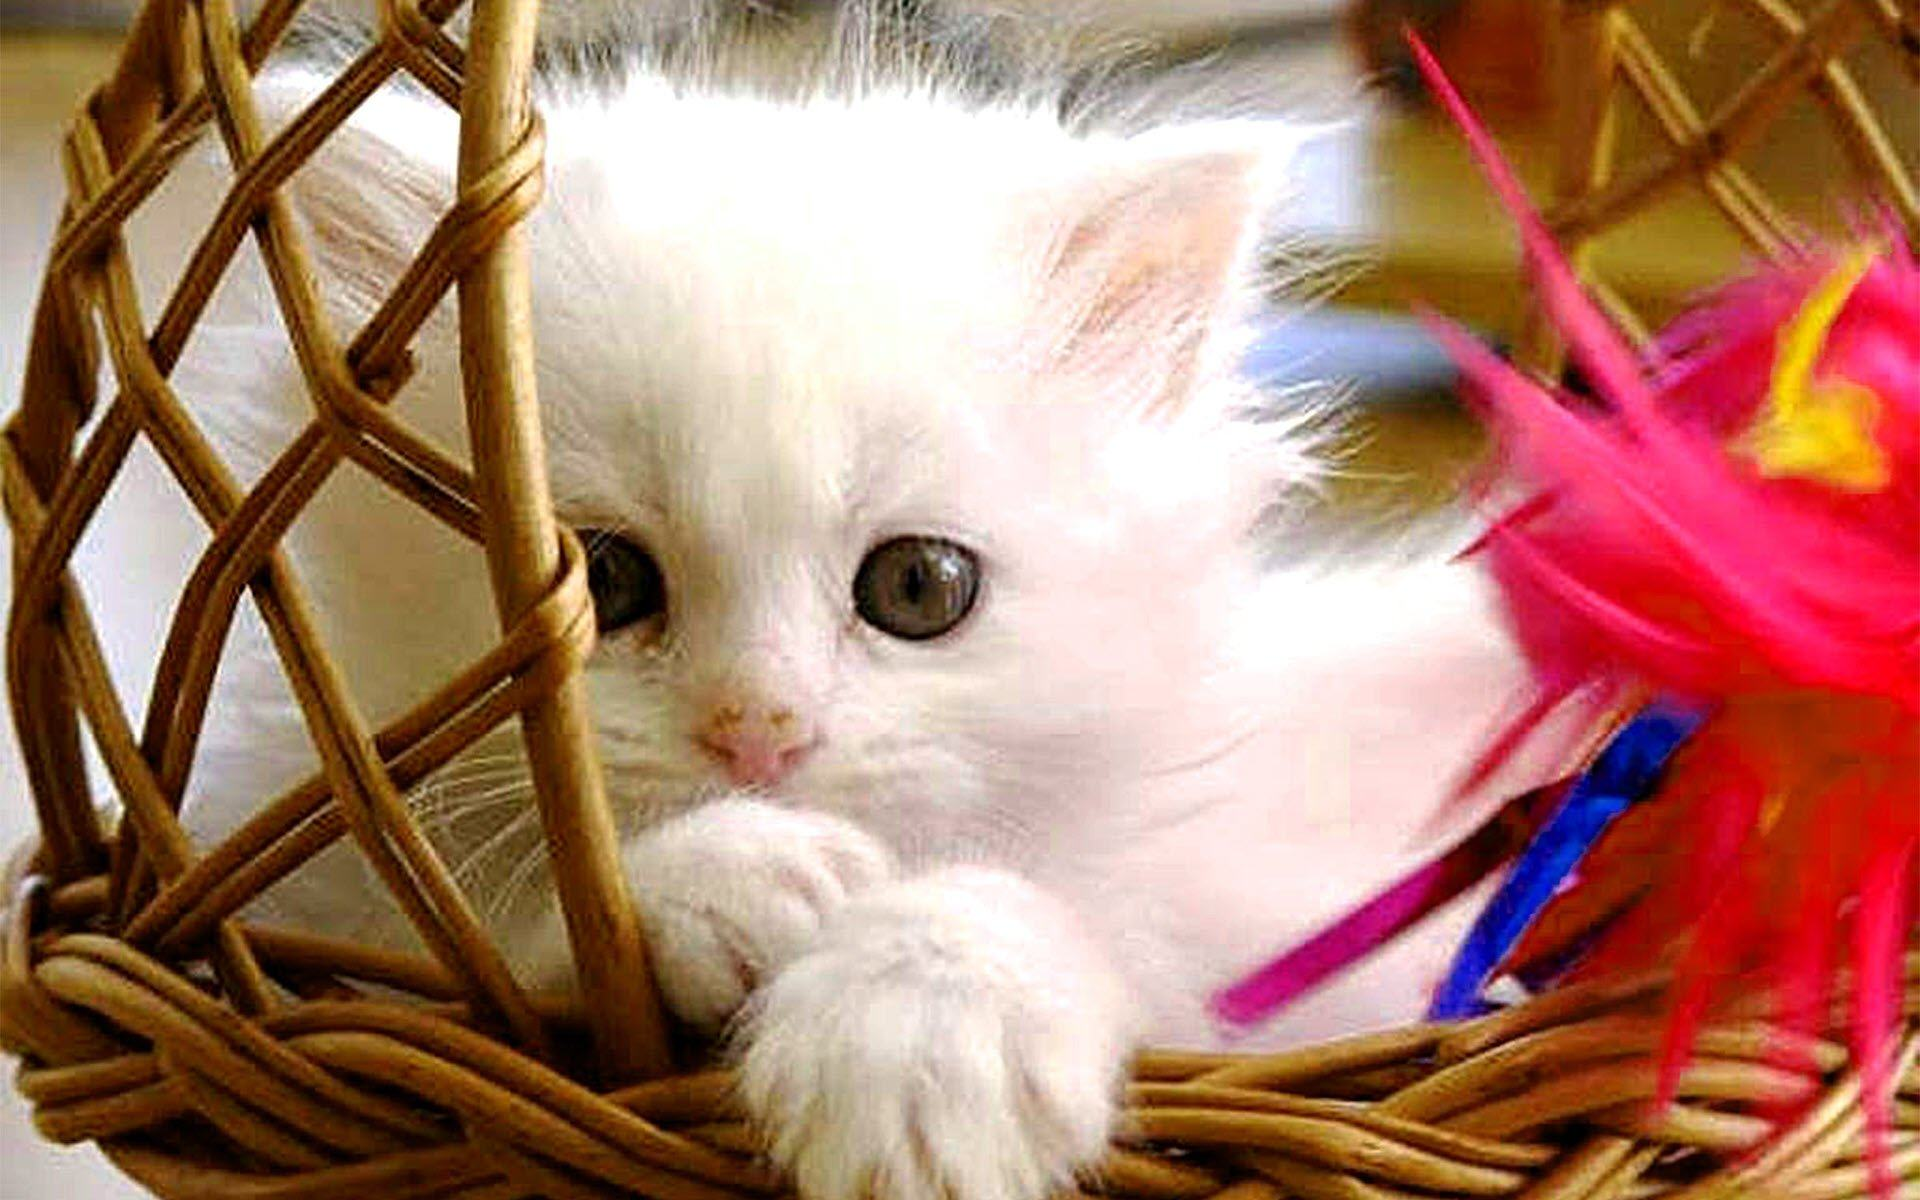 Hình ảnh chú mèo con dễ thương với đôi mắt tròn to và long lanh